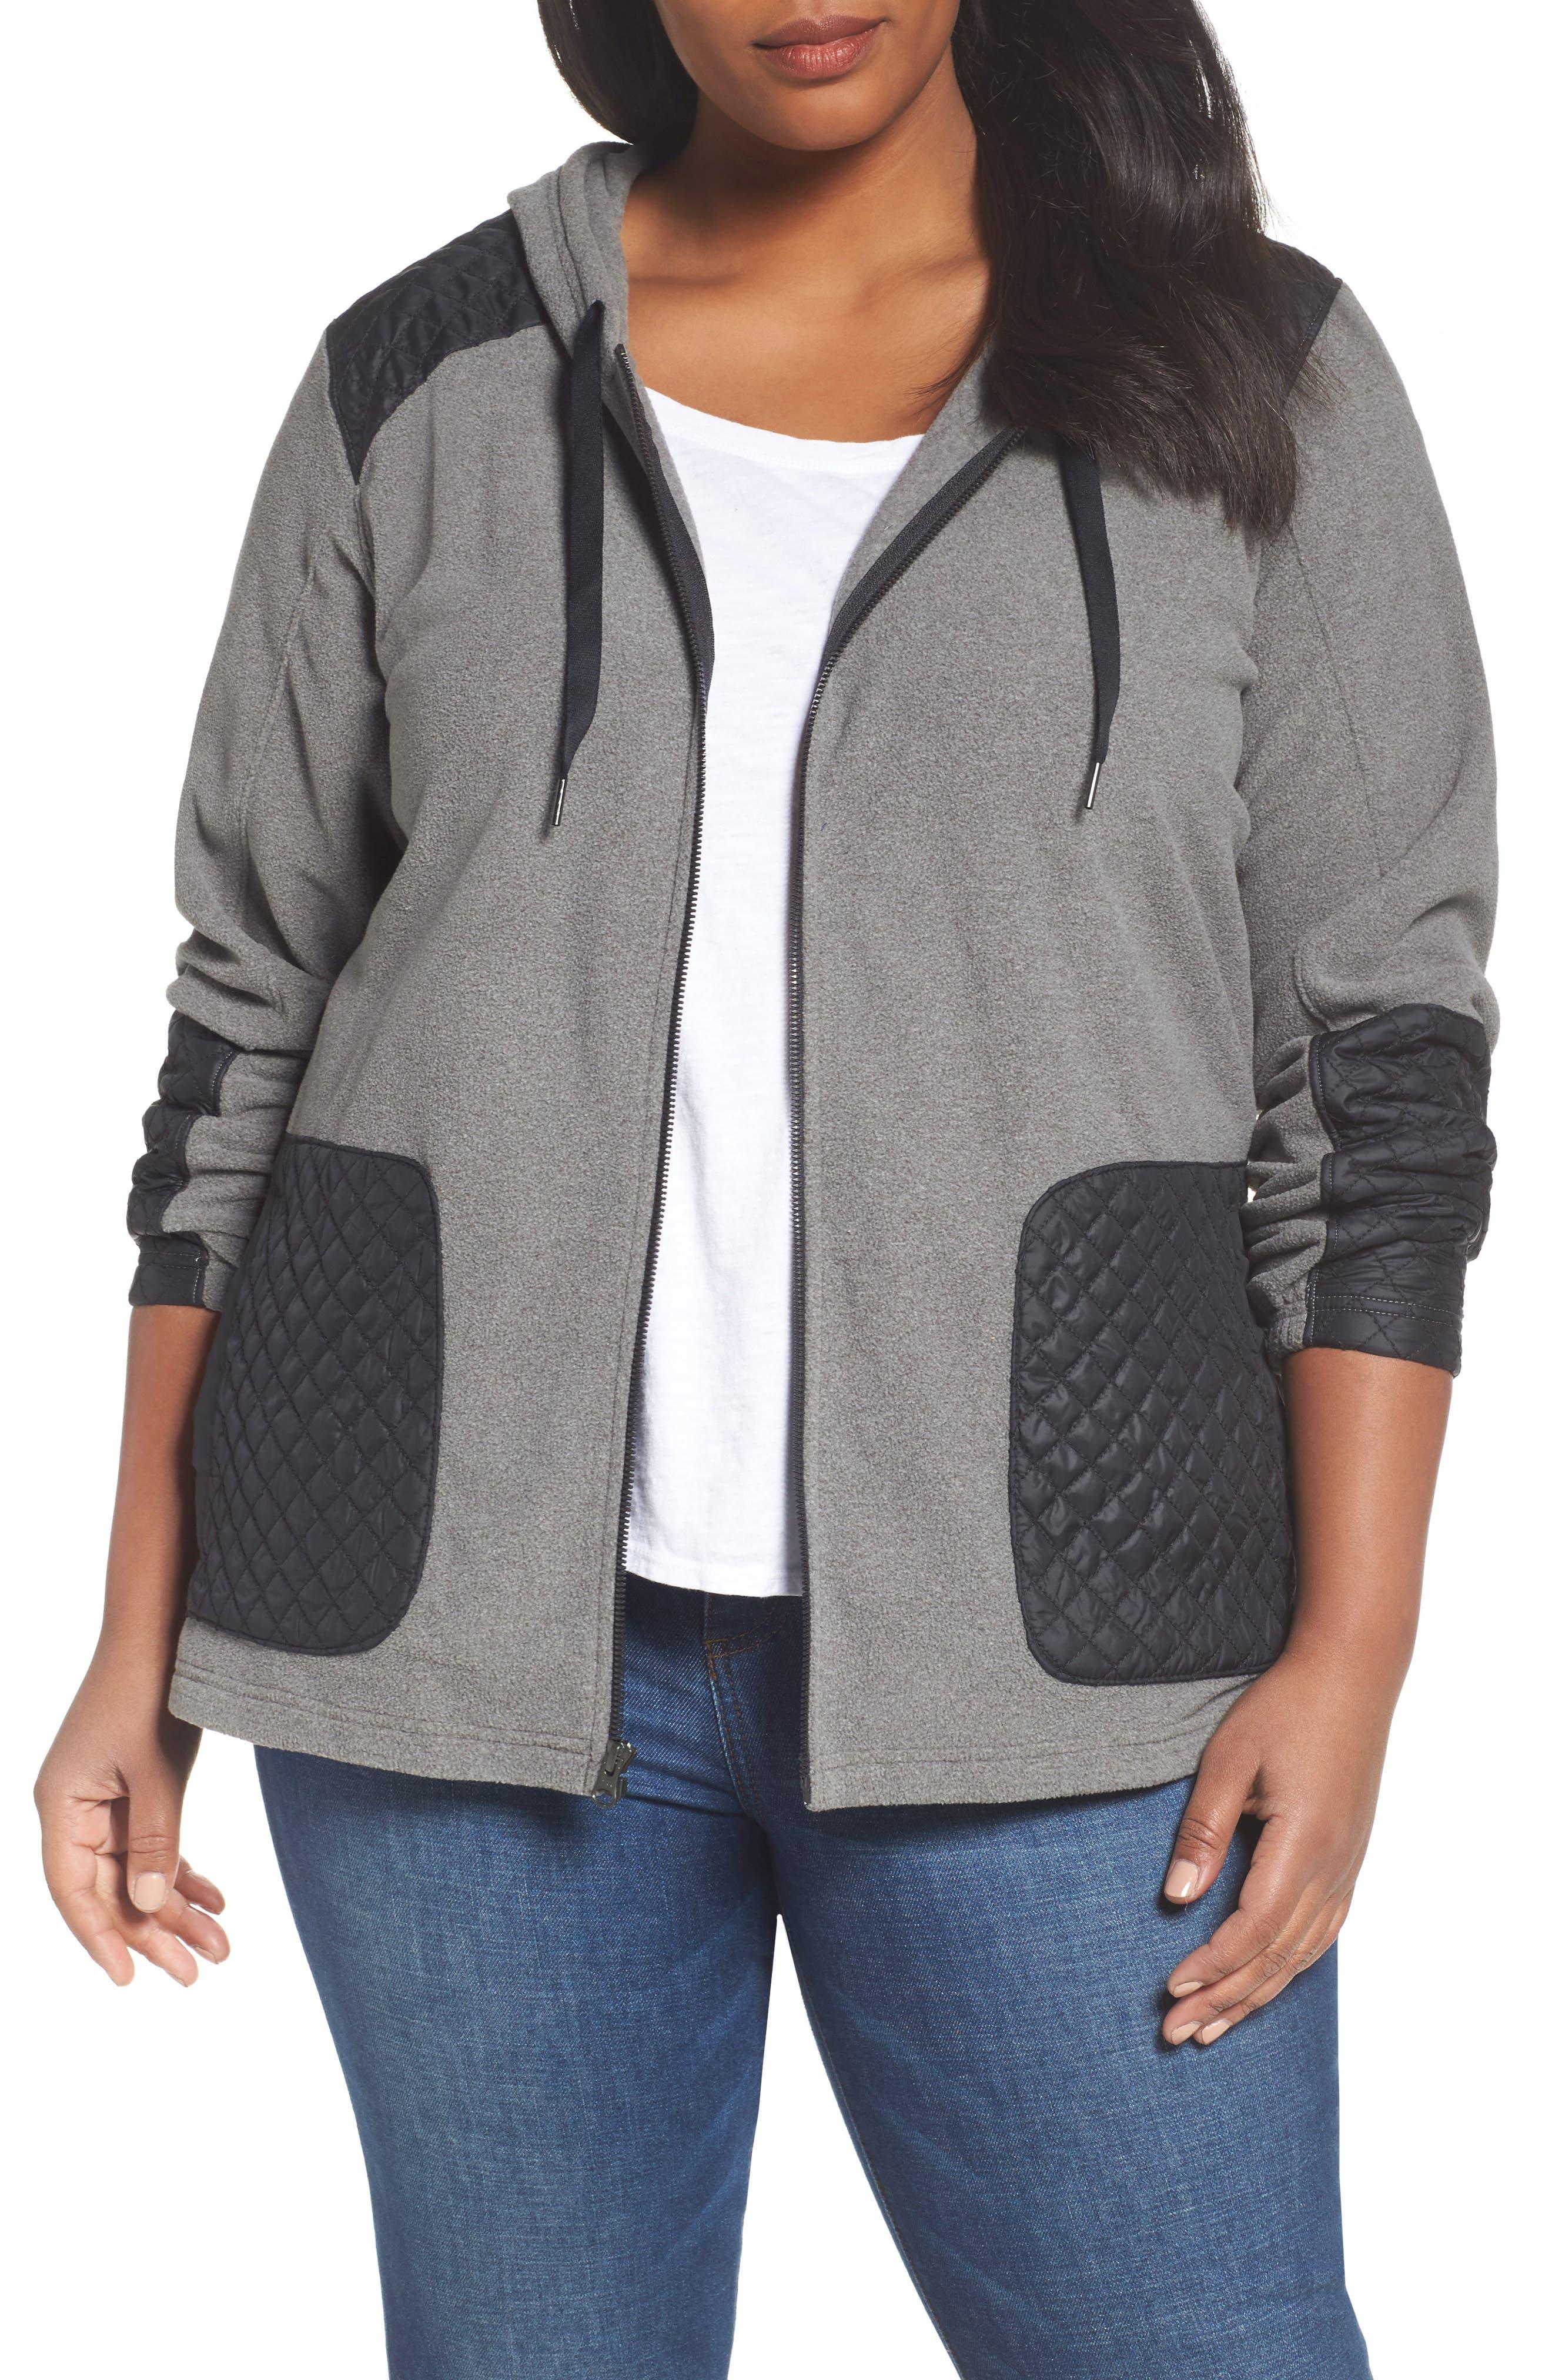 Main Image - Columbia Warm Up Hooded Fleece Jacket (Plus Size)